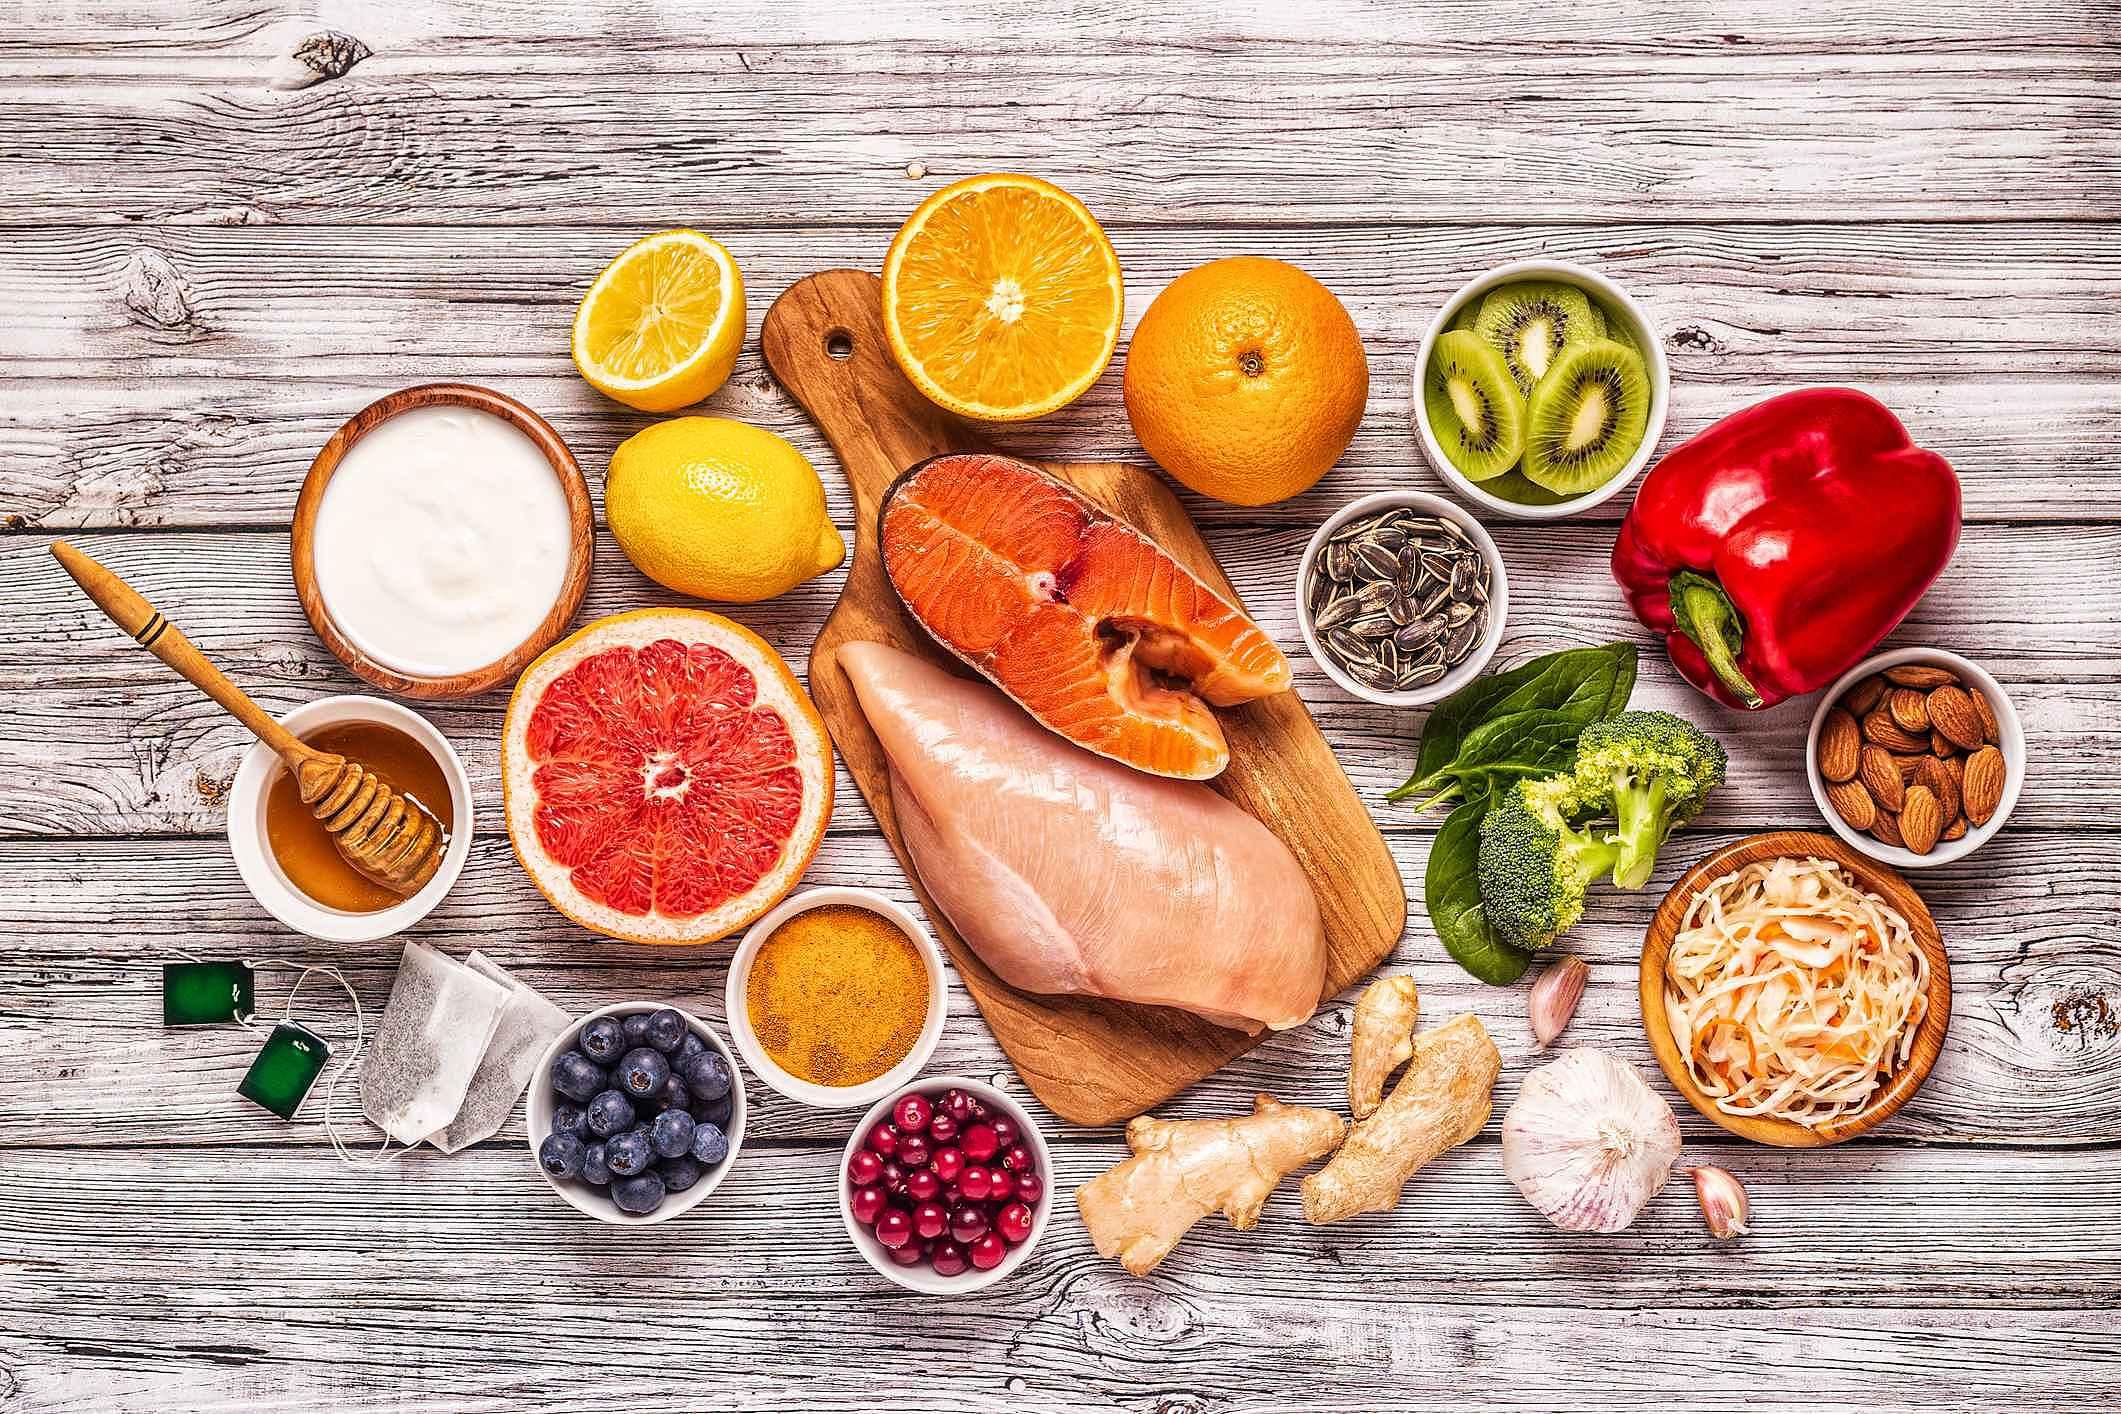 Saúde imunológica: veja quais alimentos ajudam a manter o organismo saudável